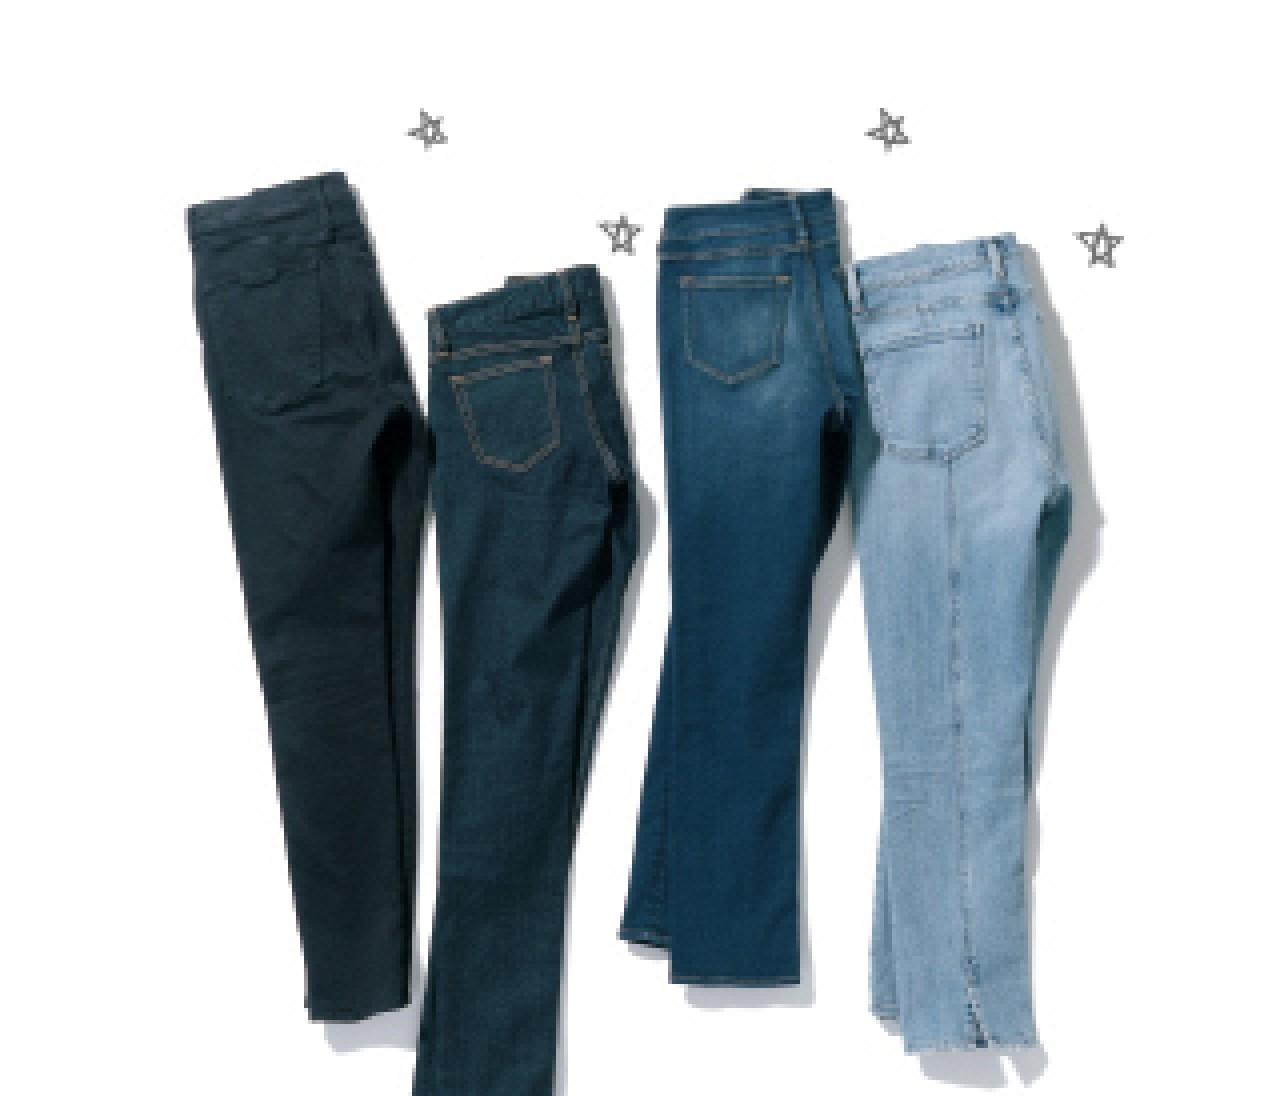 すっきり美脚見え!プロが選んだ【可愛げヒップ賞】のジーンズとは?